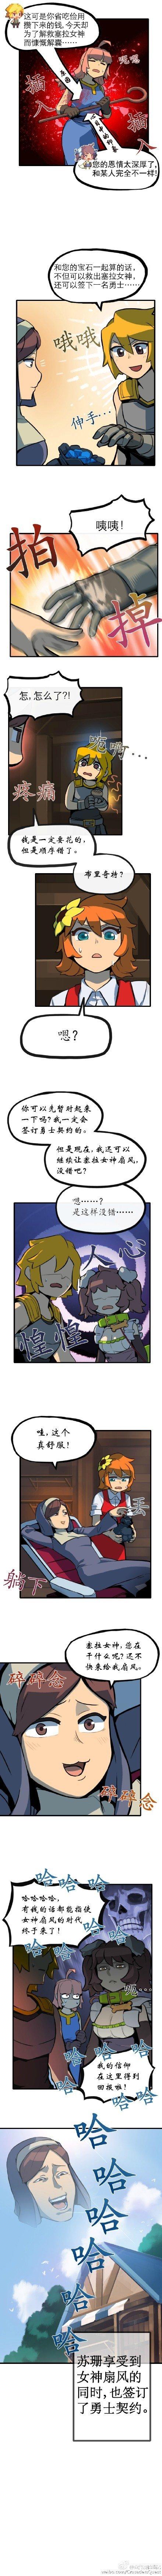 克鲁赛德战记漫画11.jpg